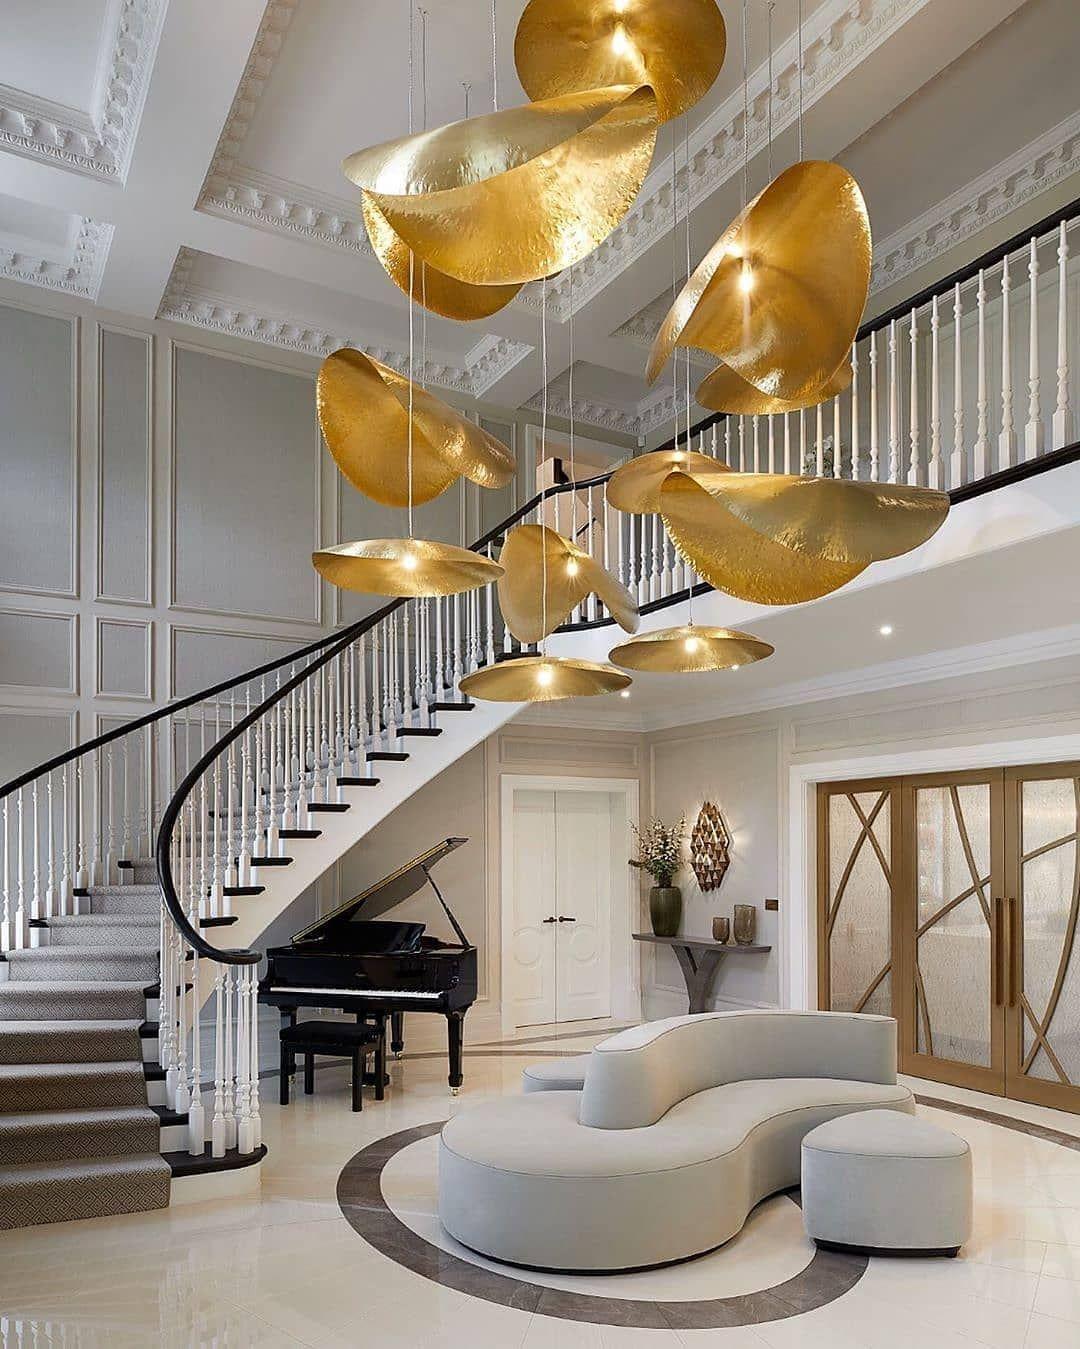 Luxuryinterior Design Ideas: Um Hall Nico! . Lumin Rias Gervasoni Em Projeto De